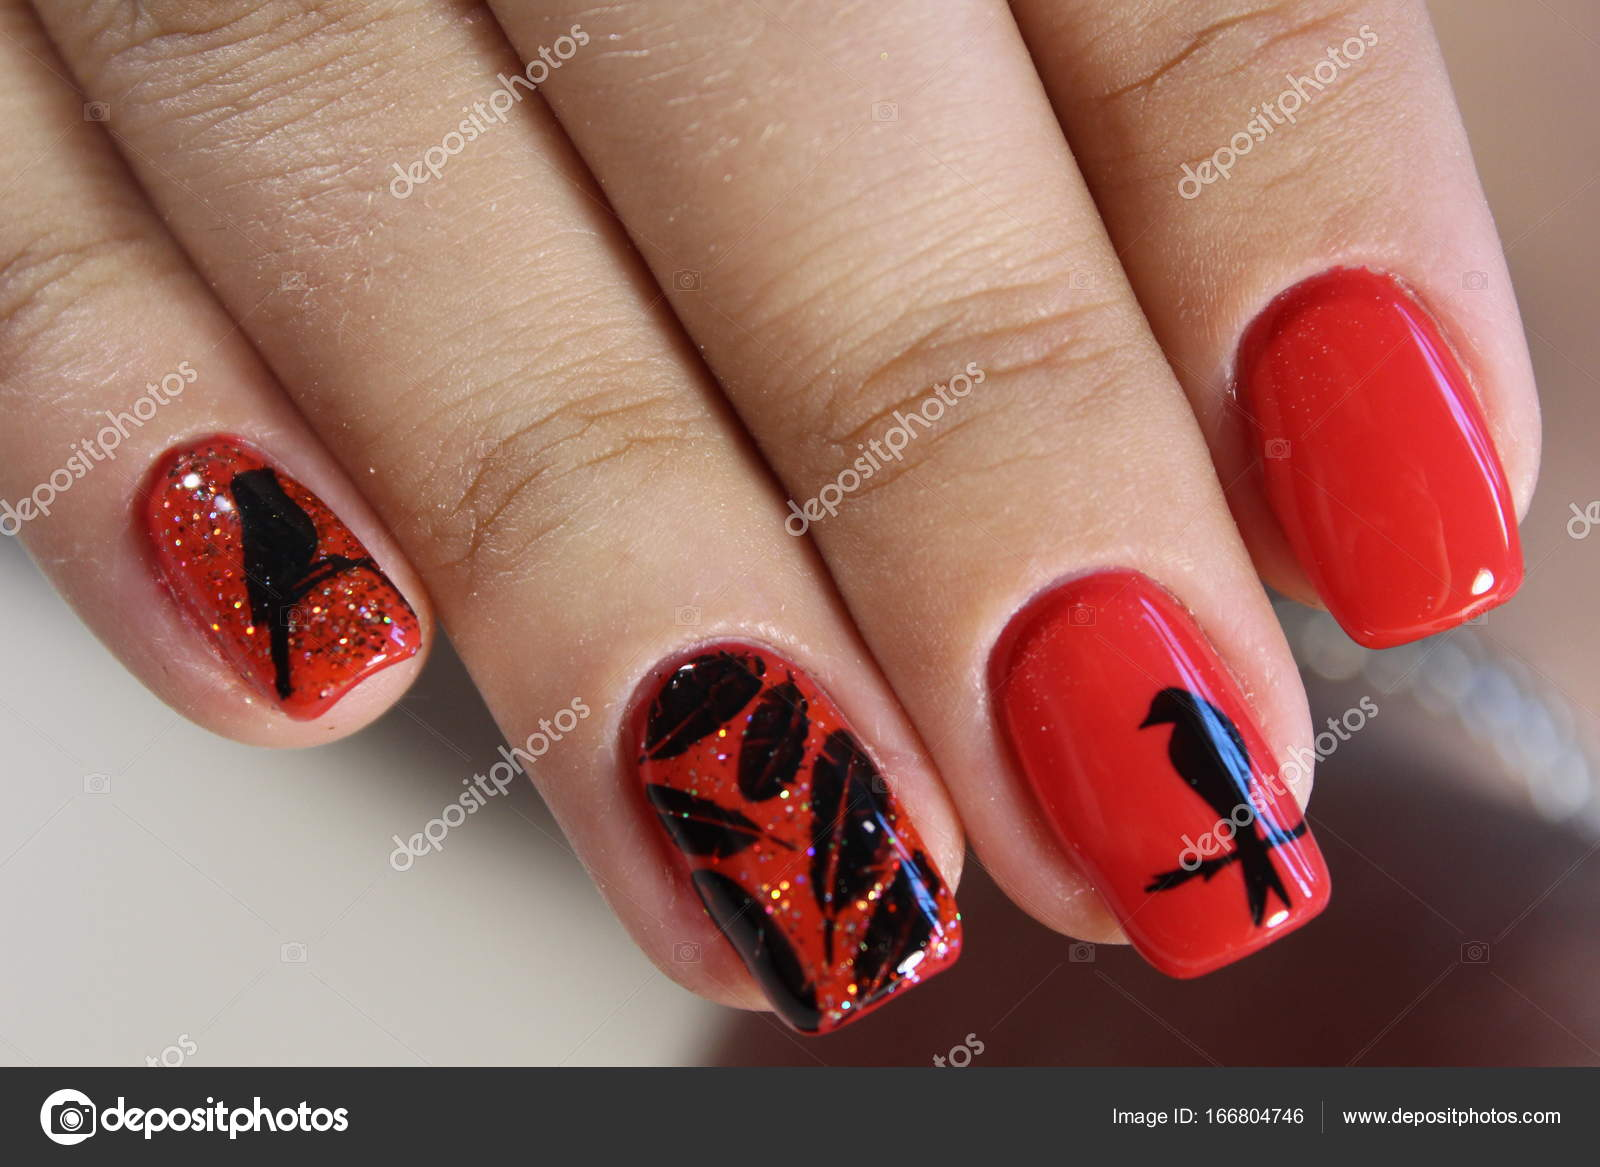 Maniküre Design rote Nägel — Stockfoto © SmirMaxStock #166804746